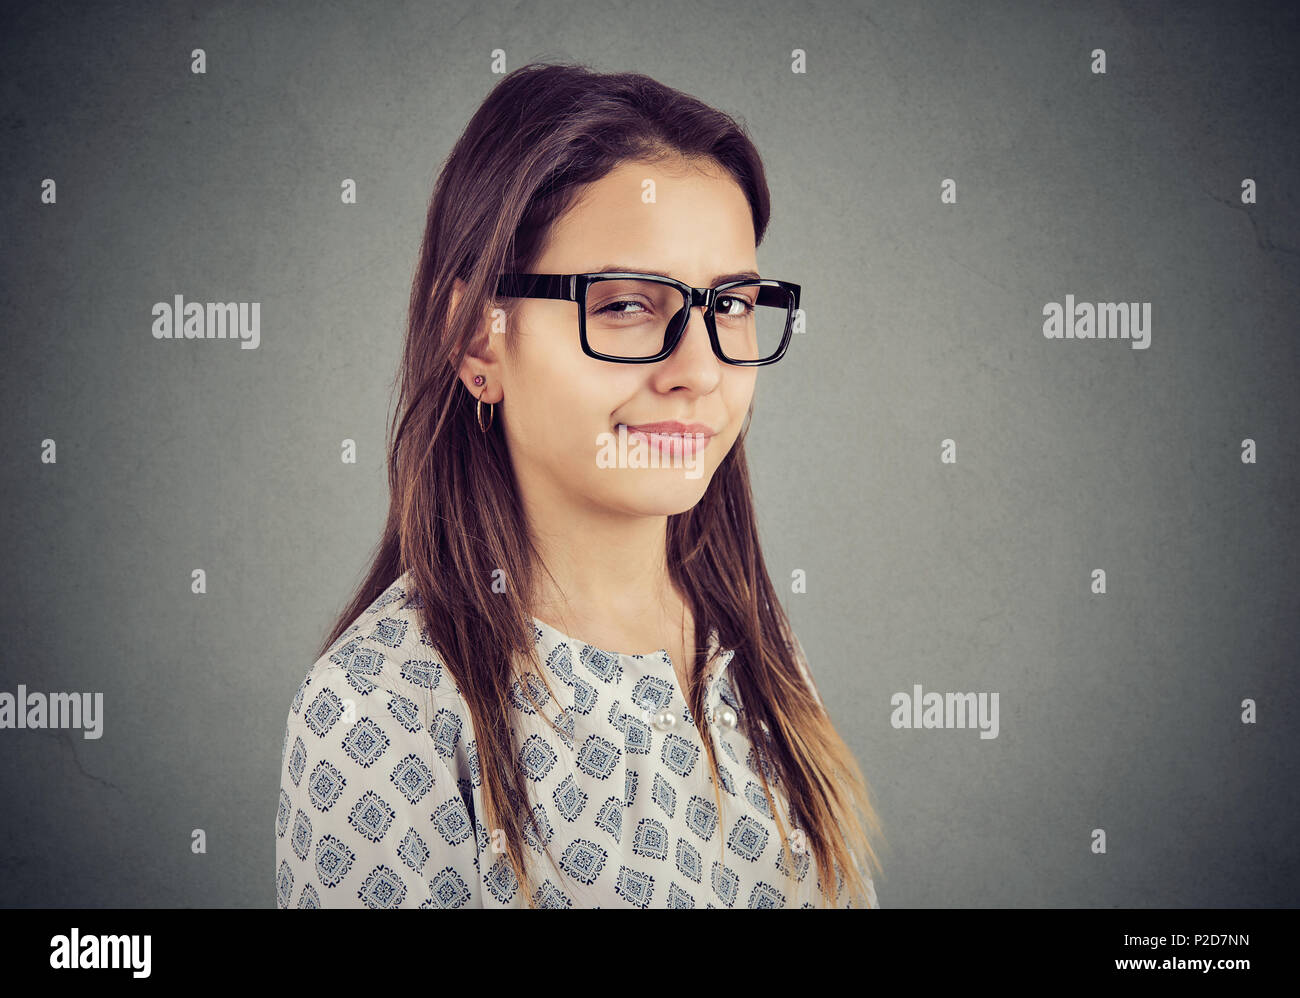 Sly tricky giovane donna che guarda la fotocamera. Concetto bugiardo. Immagini Stock